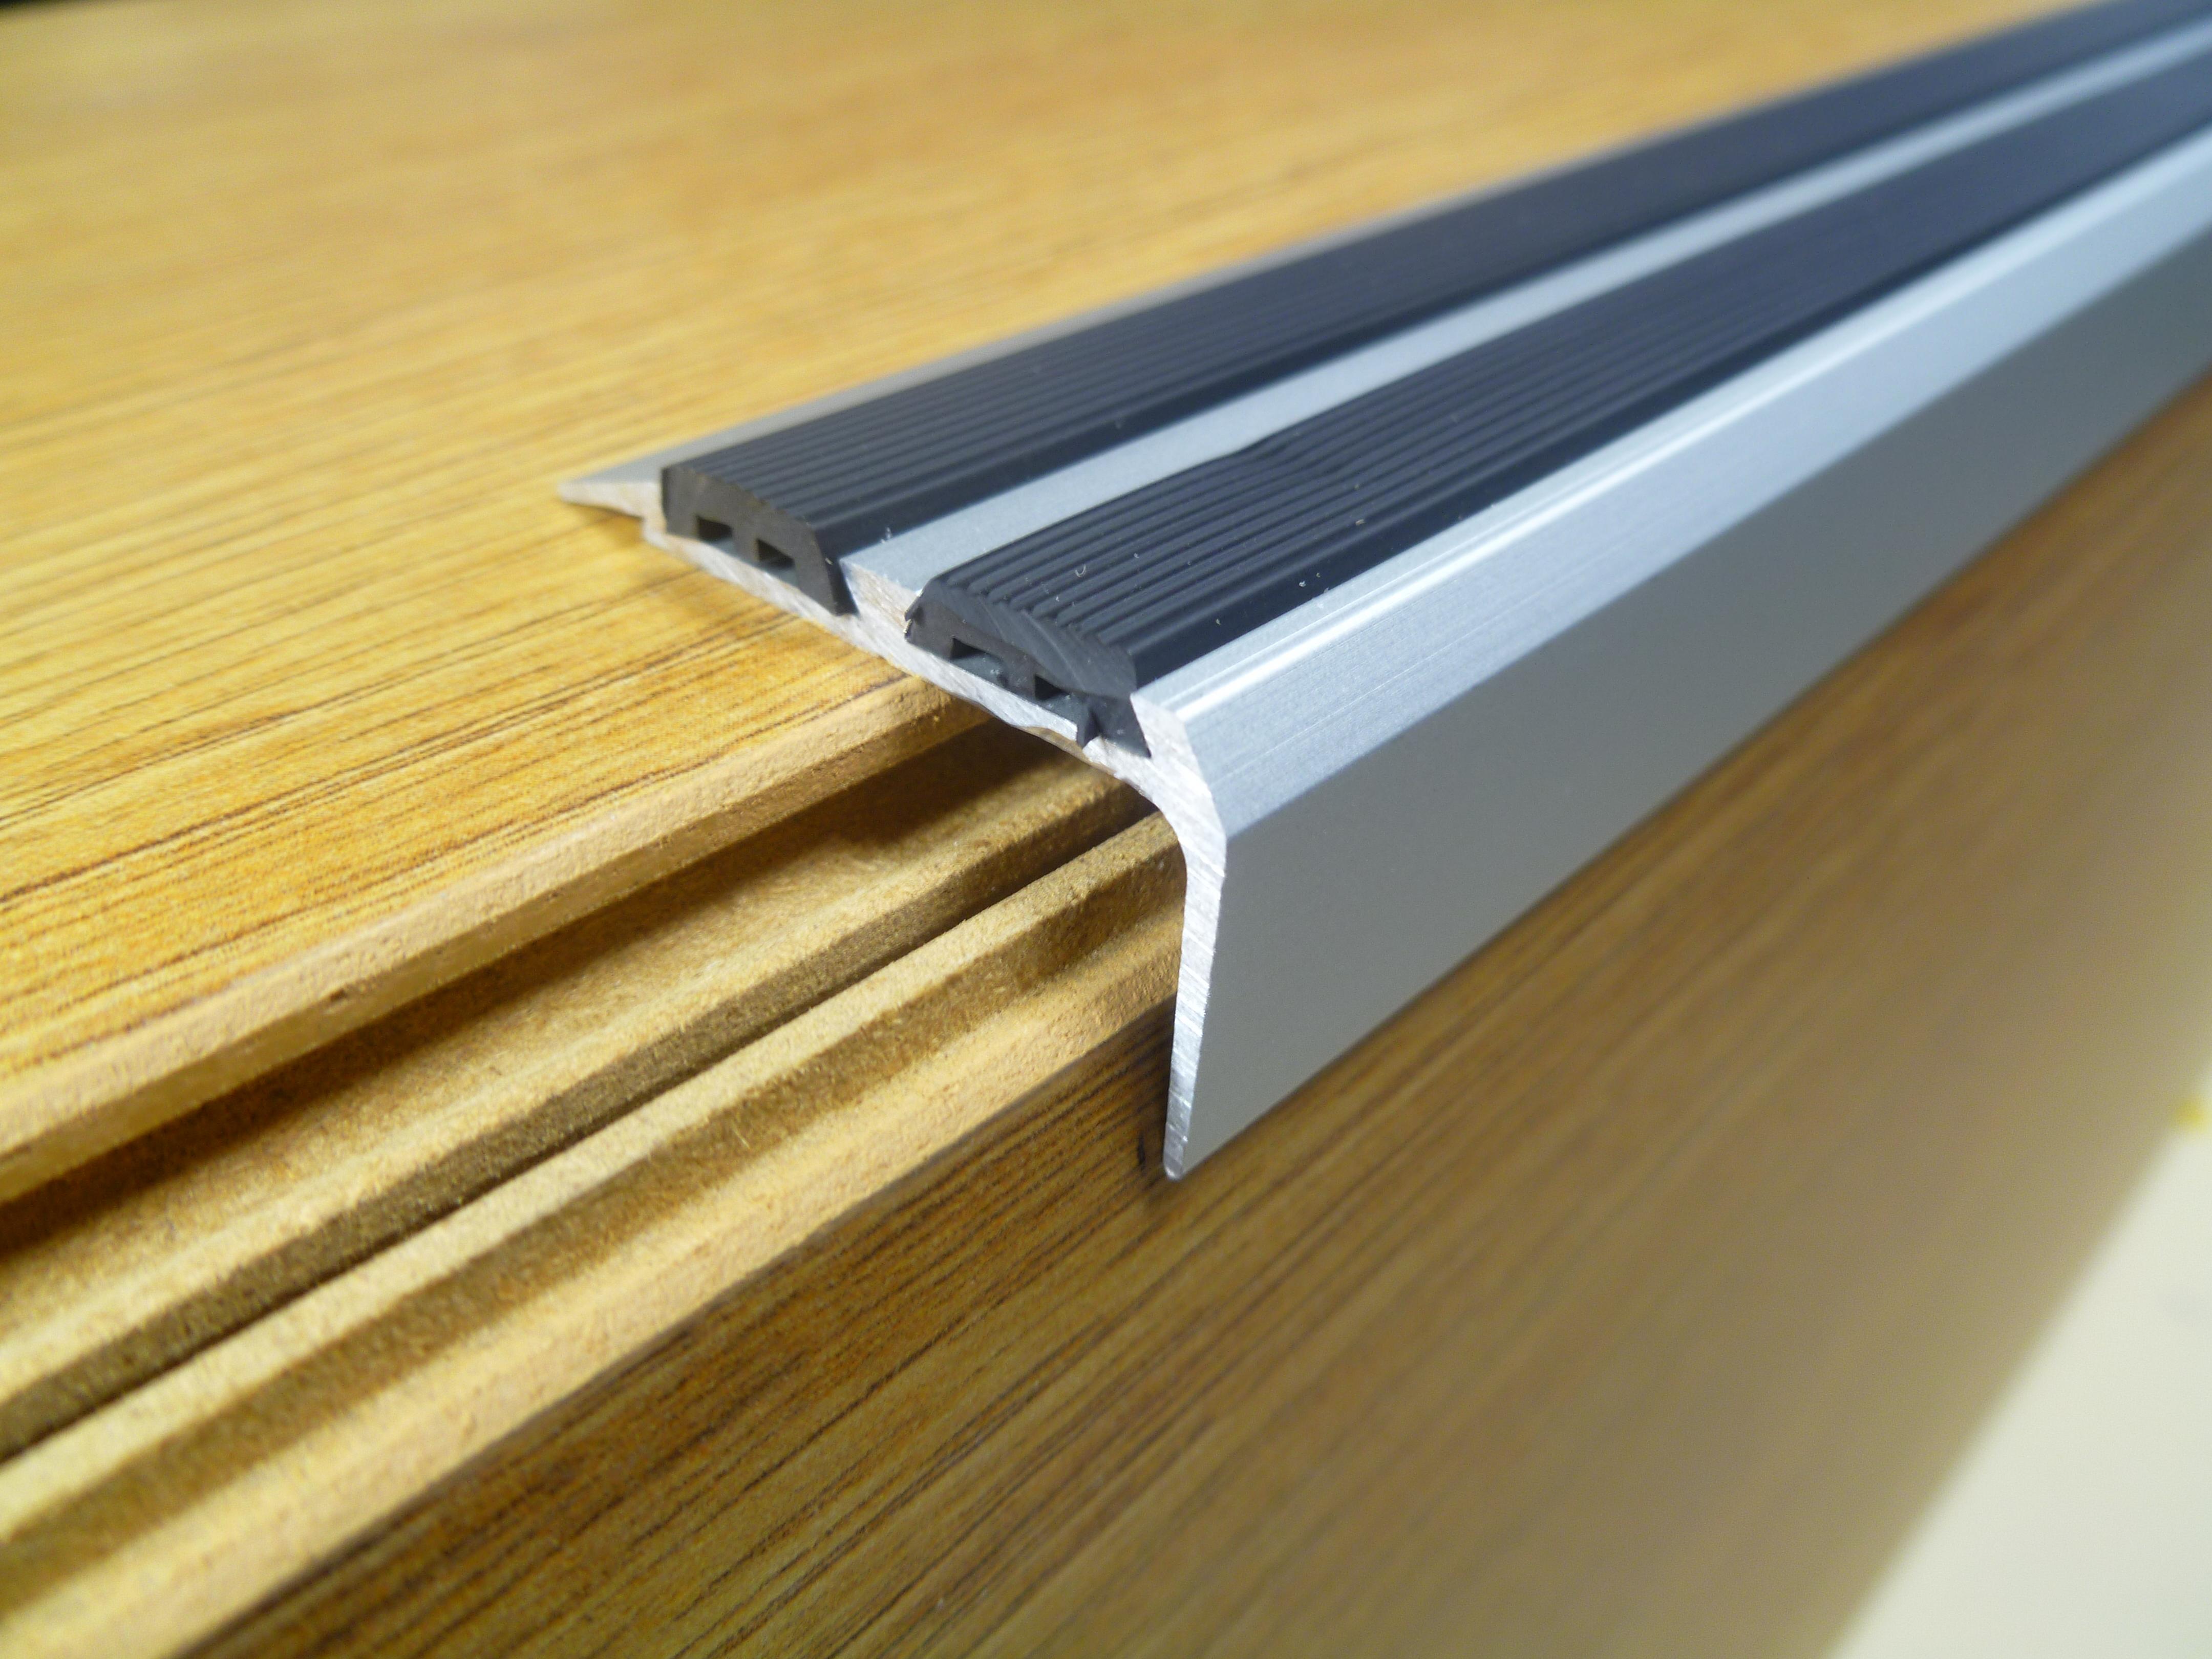 Carpet edging trim carpet vidalondon for Floor edge trim